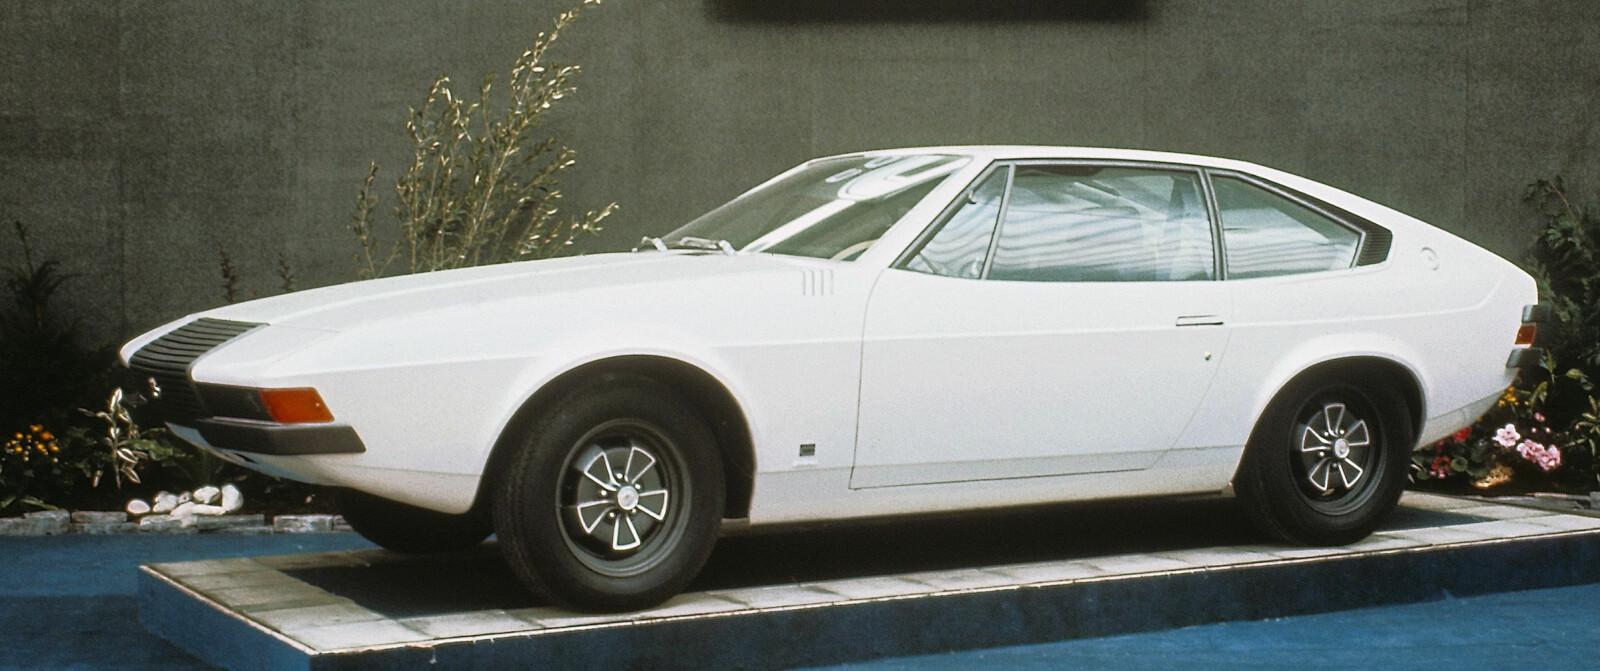 <b><SPAN CLASS=BOLD><STRONG>VOLVO 1800 ESC COGGIOLA:</b></strong></span> Eller Volvo Viking som den også hette. Den ble vist frem i Pari i 1972.